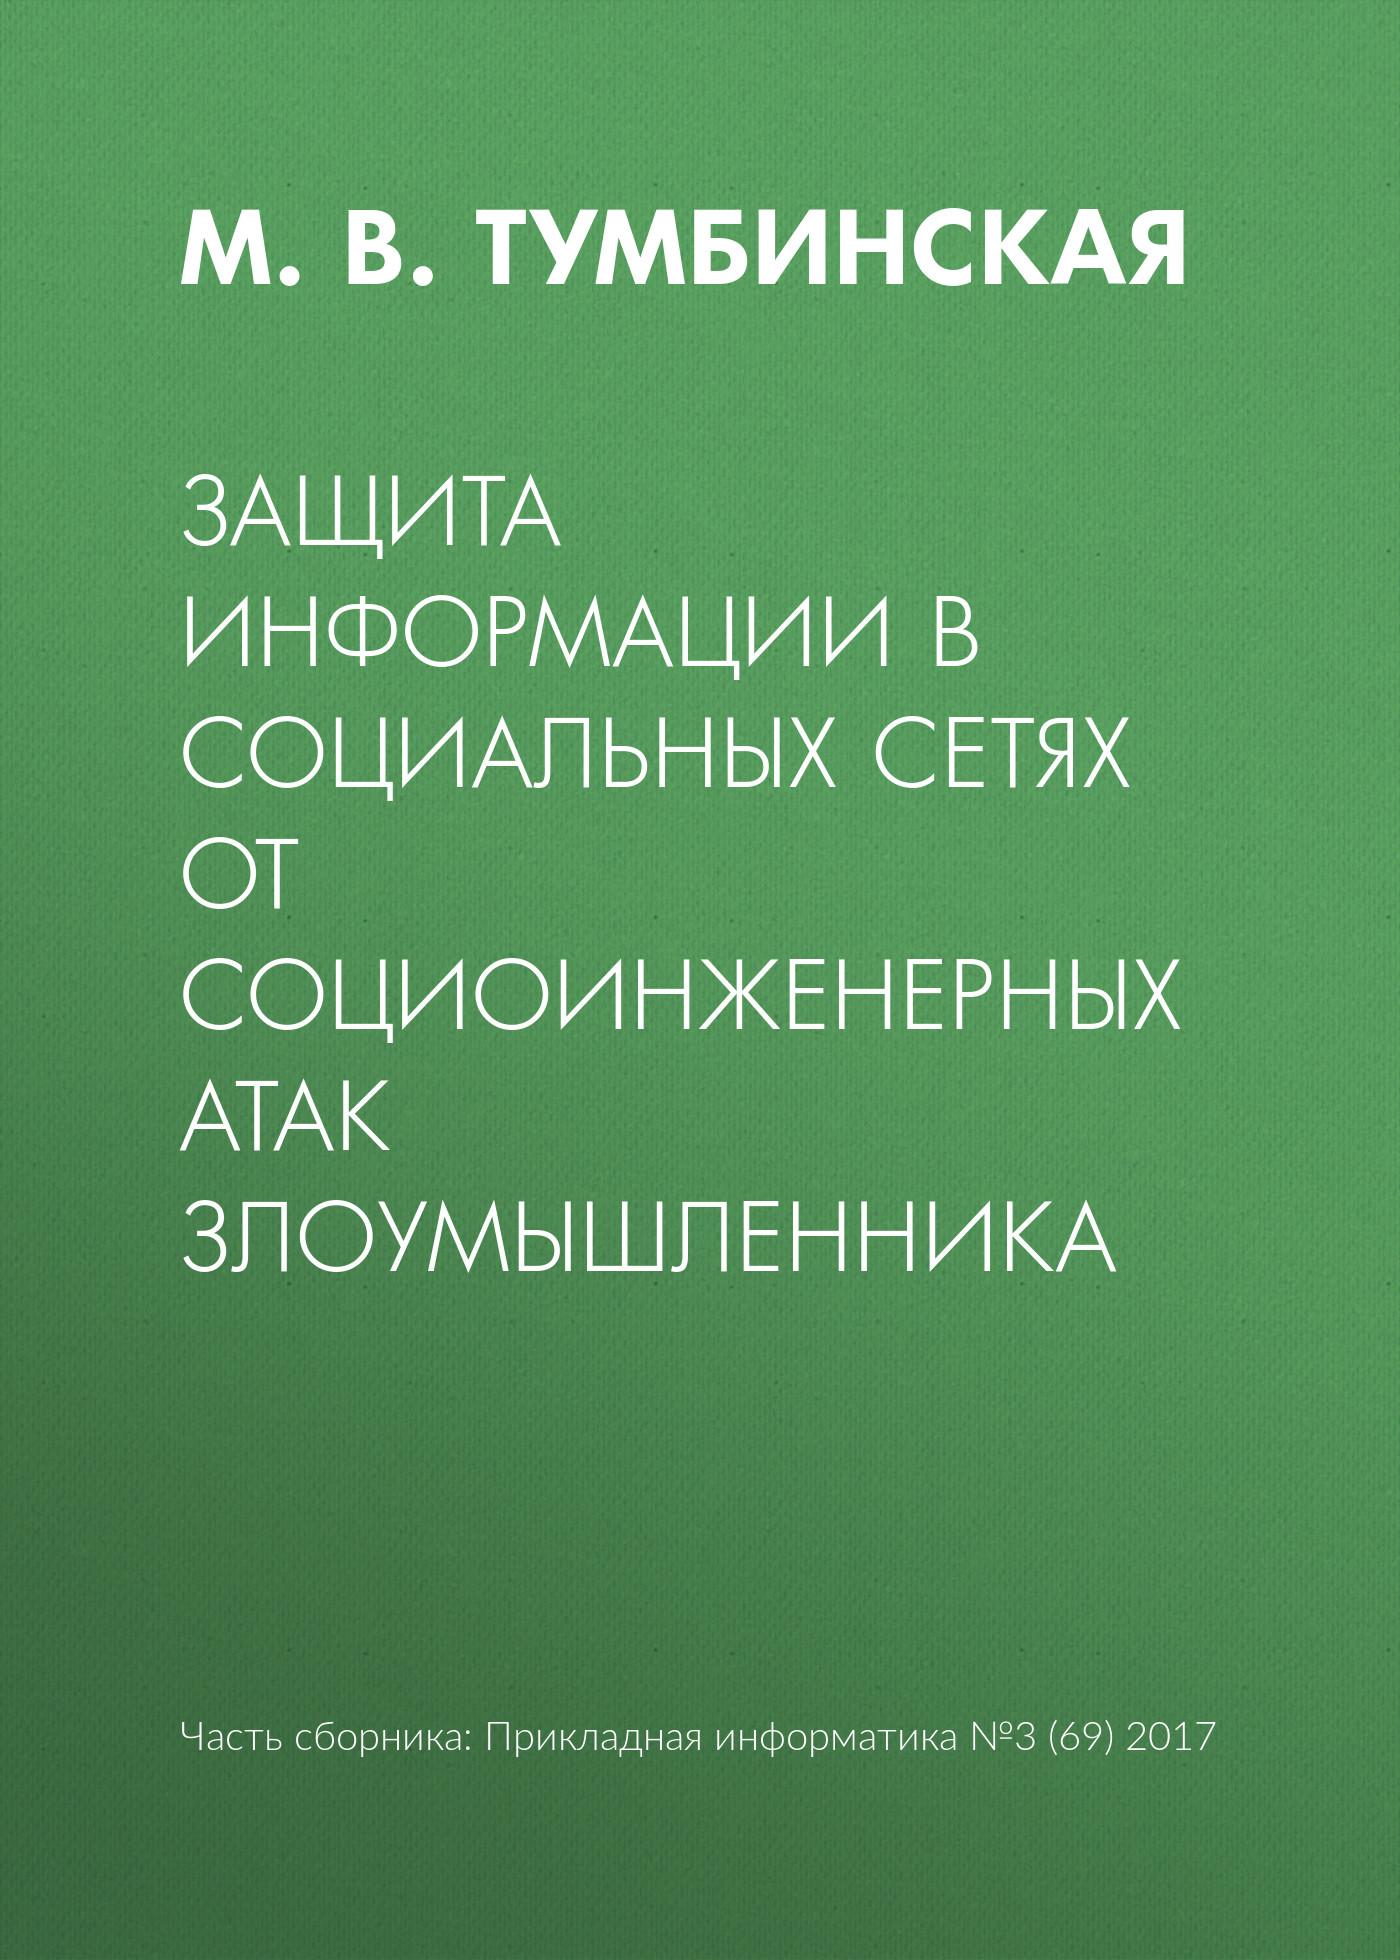 купить М. В. Тумбинская Защита информации в социальных сетях от социоинженерных атак злоумышленника недорого